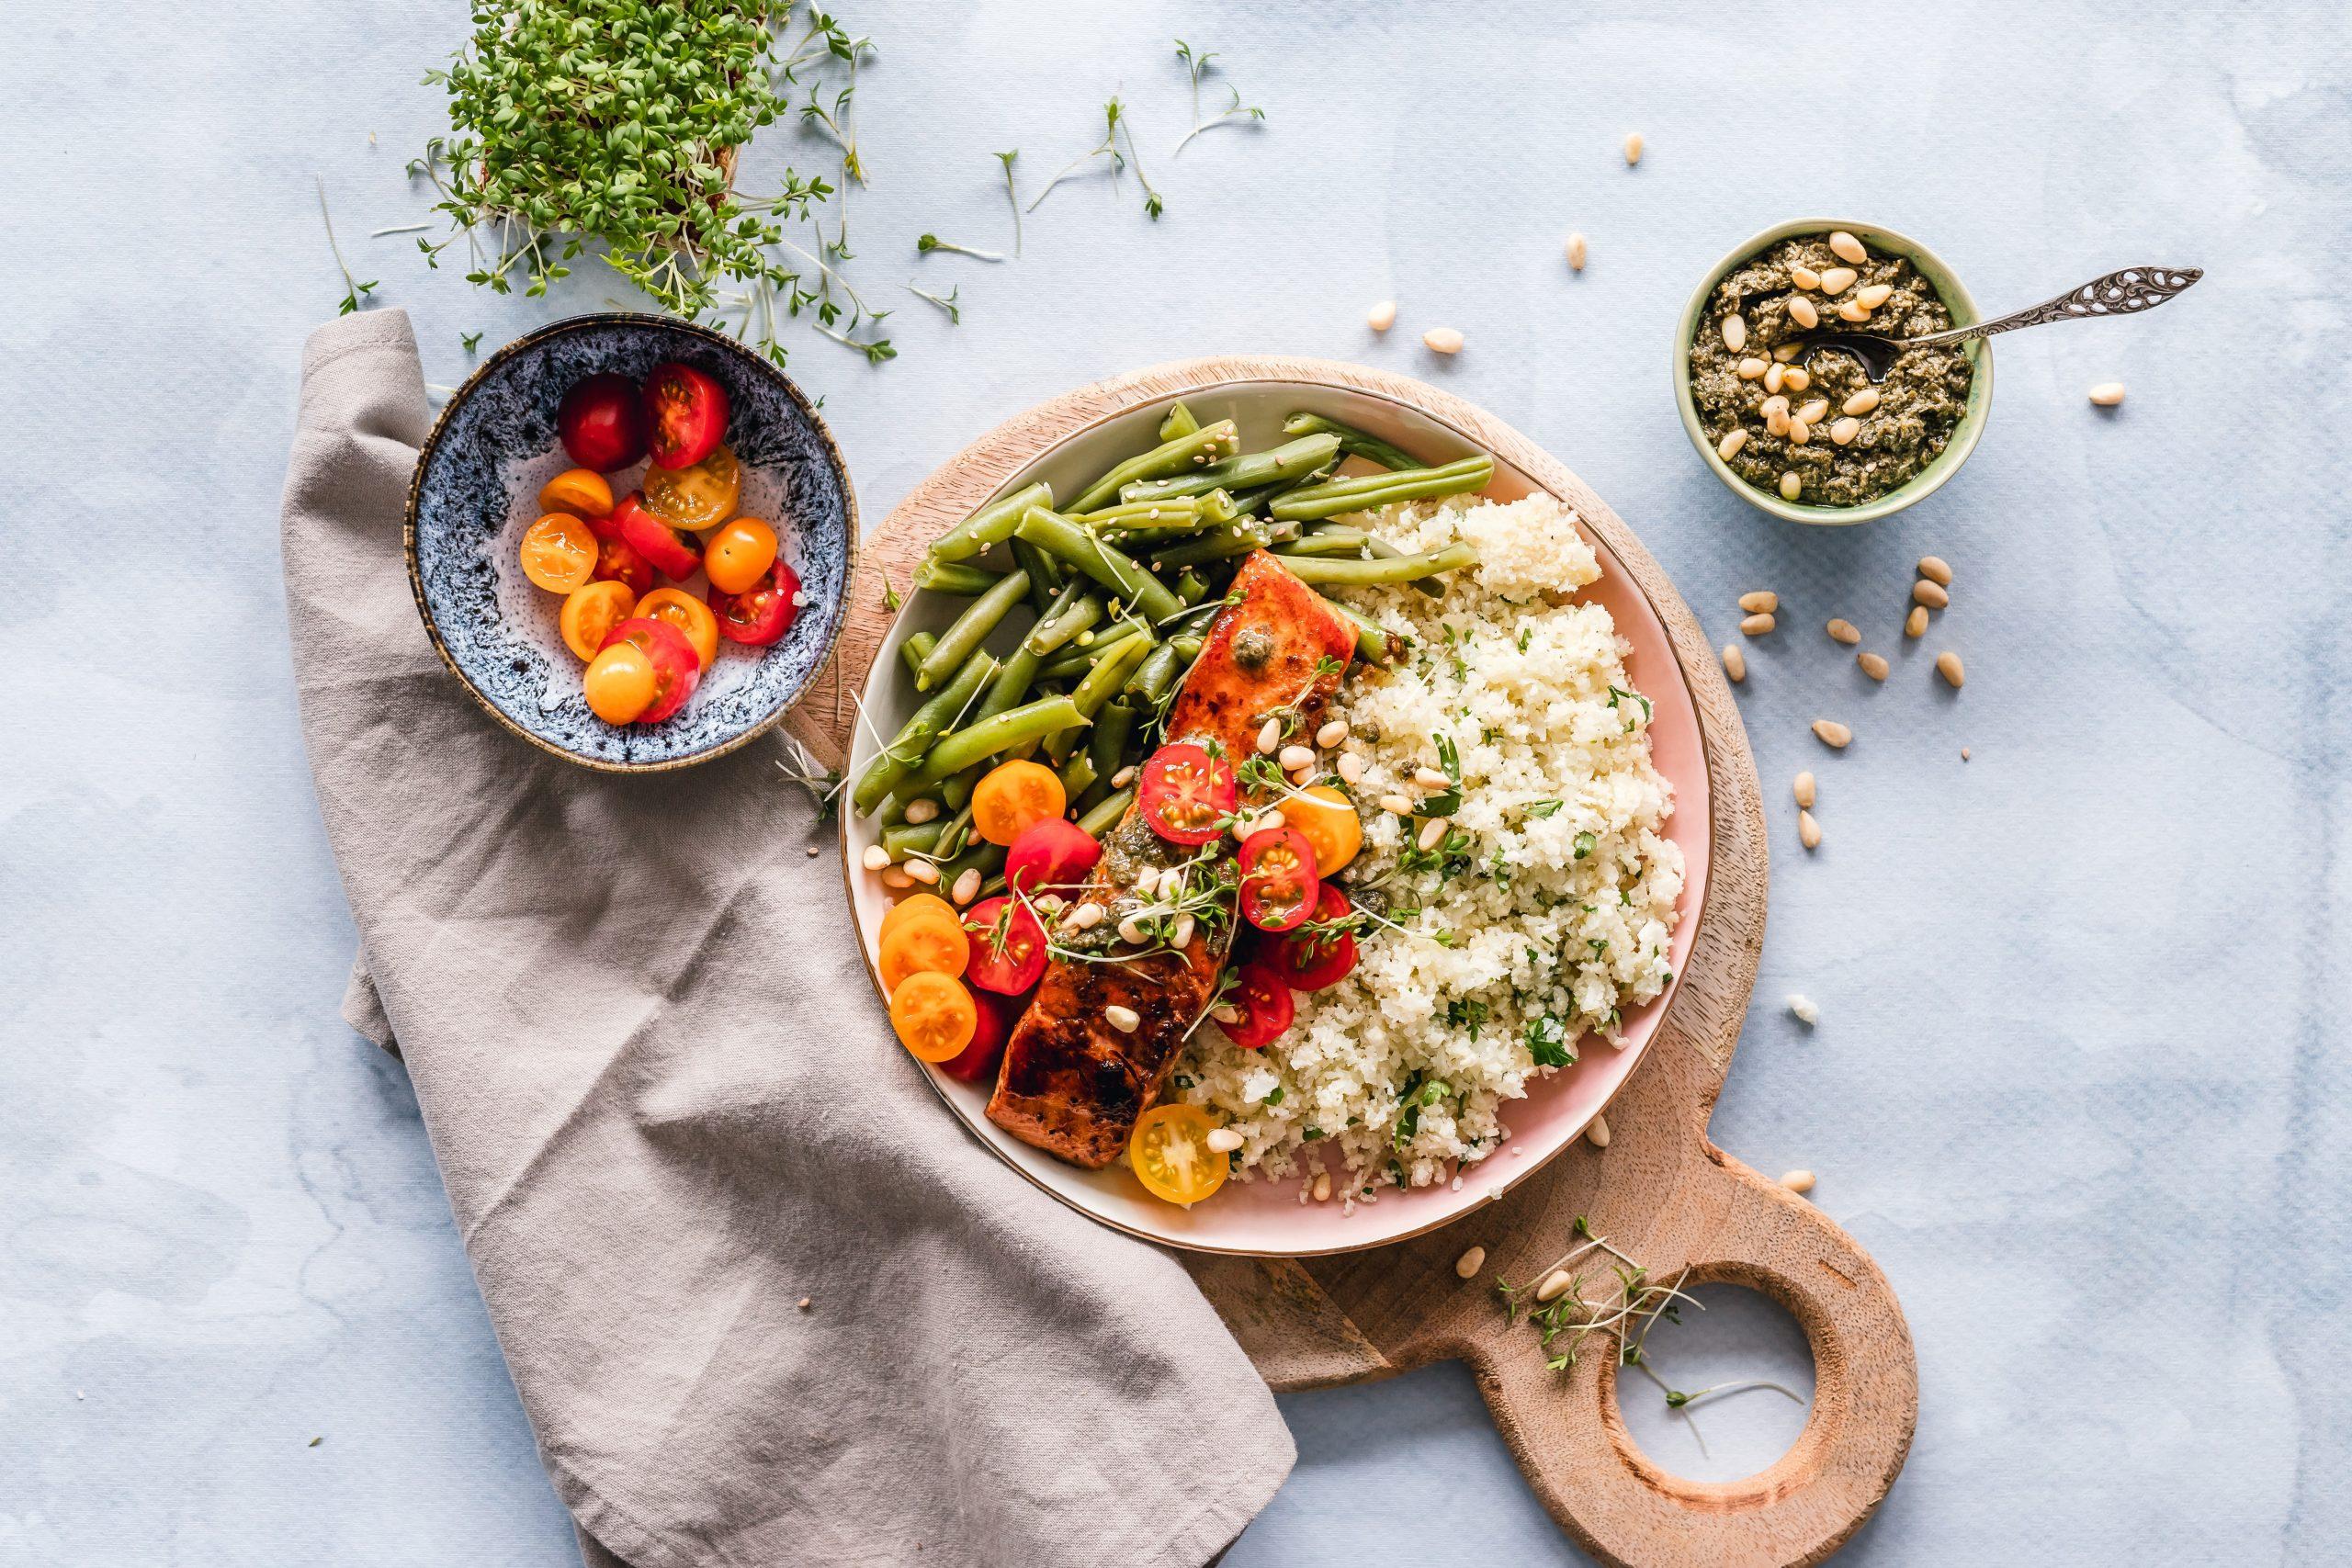 Gesunde Ernährung geht einfach